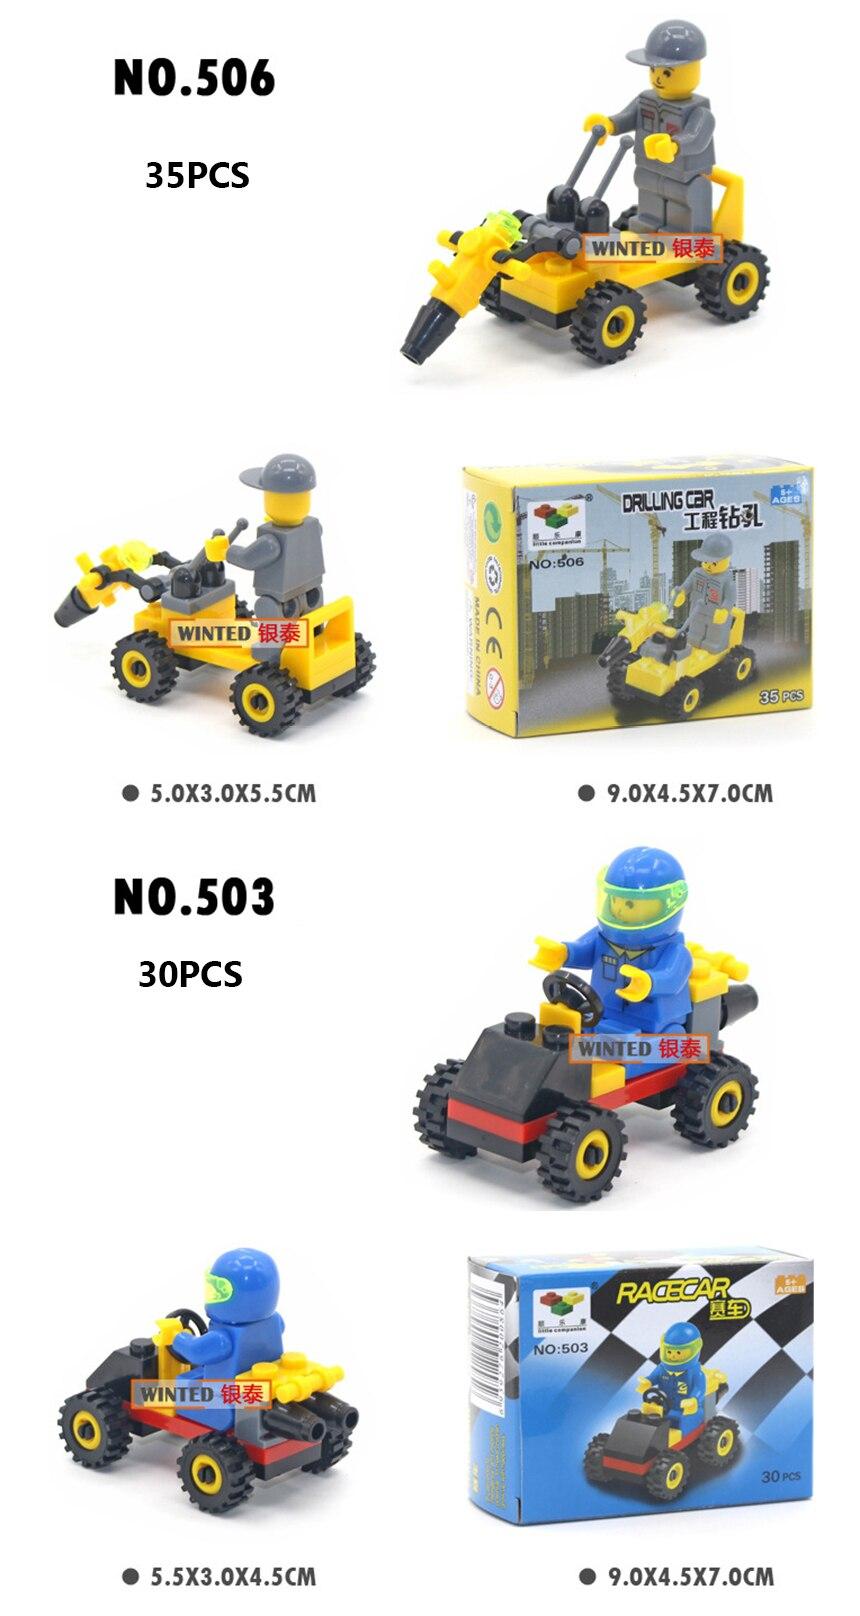 3675993618_598380297-NEW_05